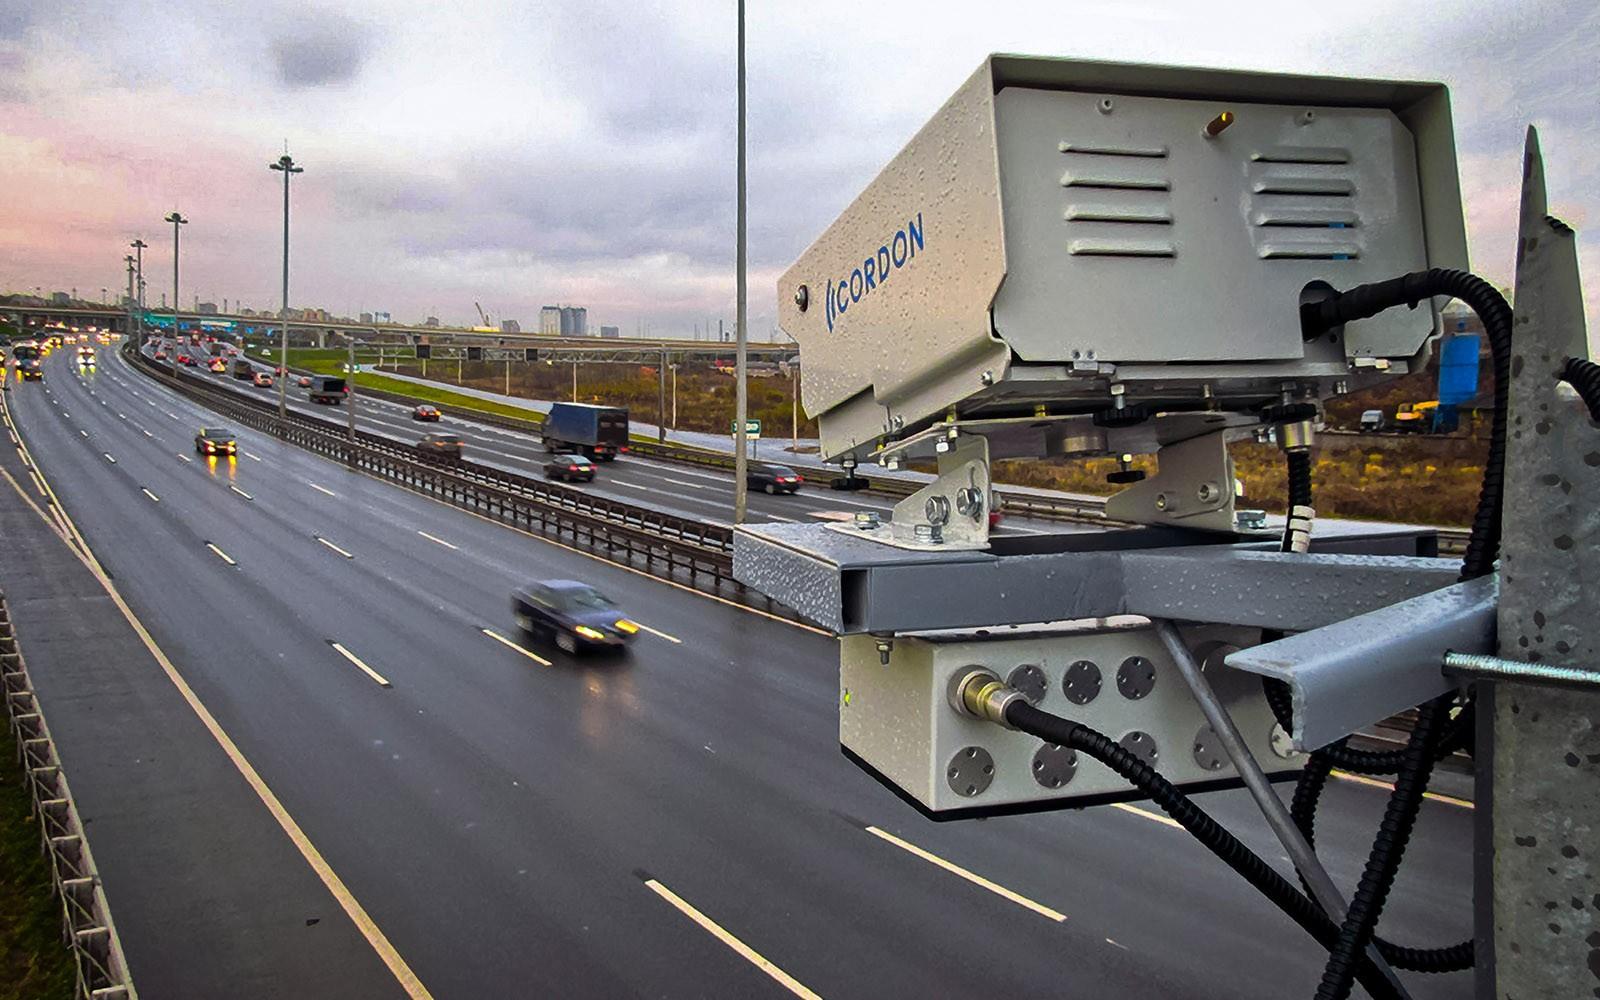 Теперь камеры на дорогах будут выявлять еще одно нарушение